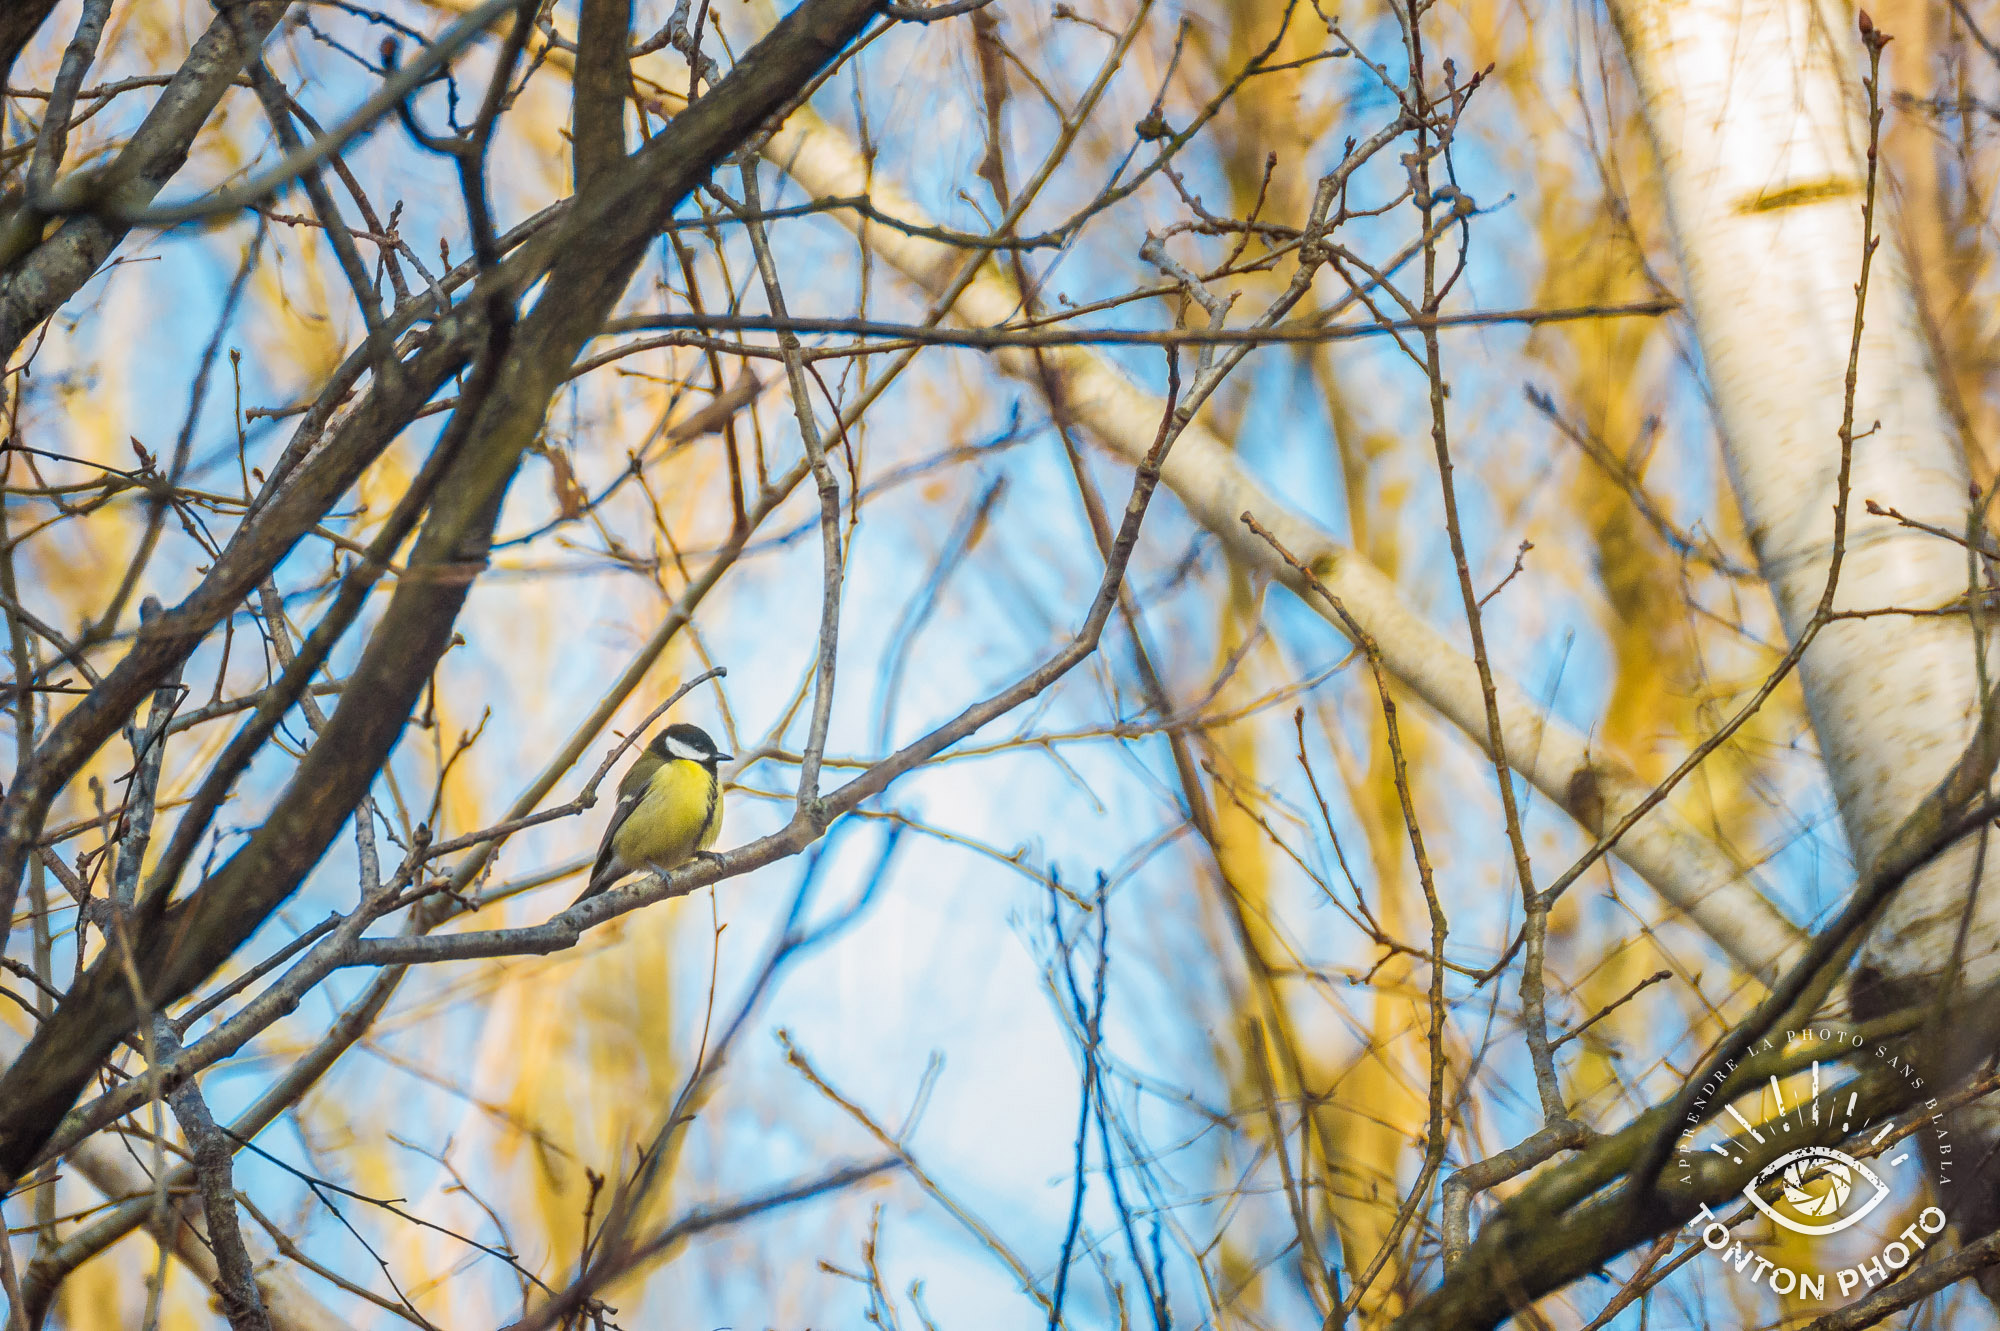 Mésange dans les branches dévêtues par l'hiver. Télé-objectif Samyang 500mm f/6.3 MC IF © Tonton Photo